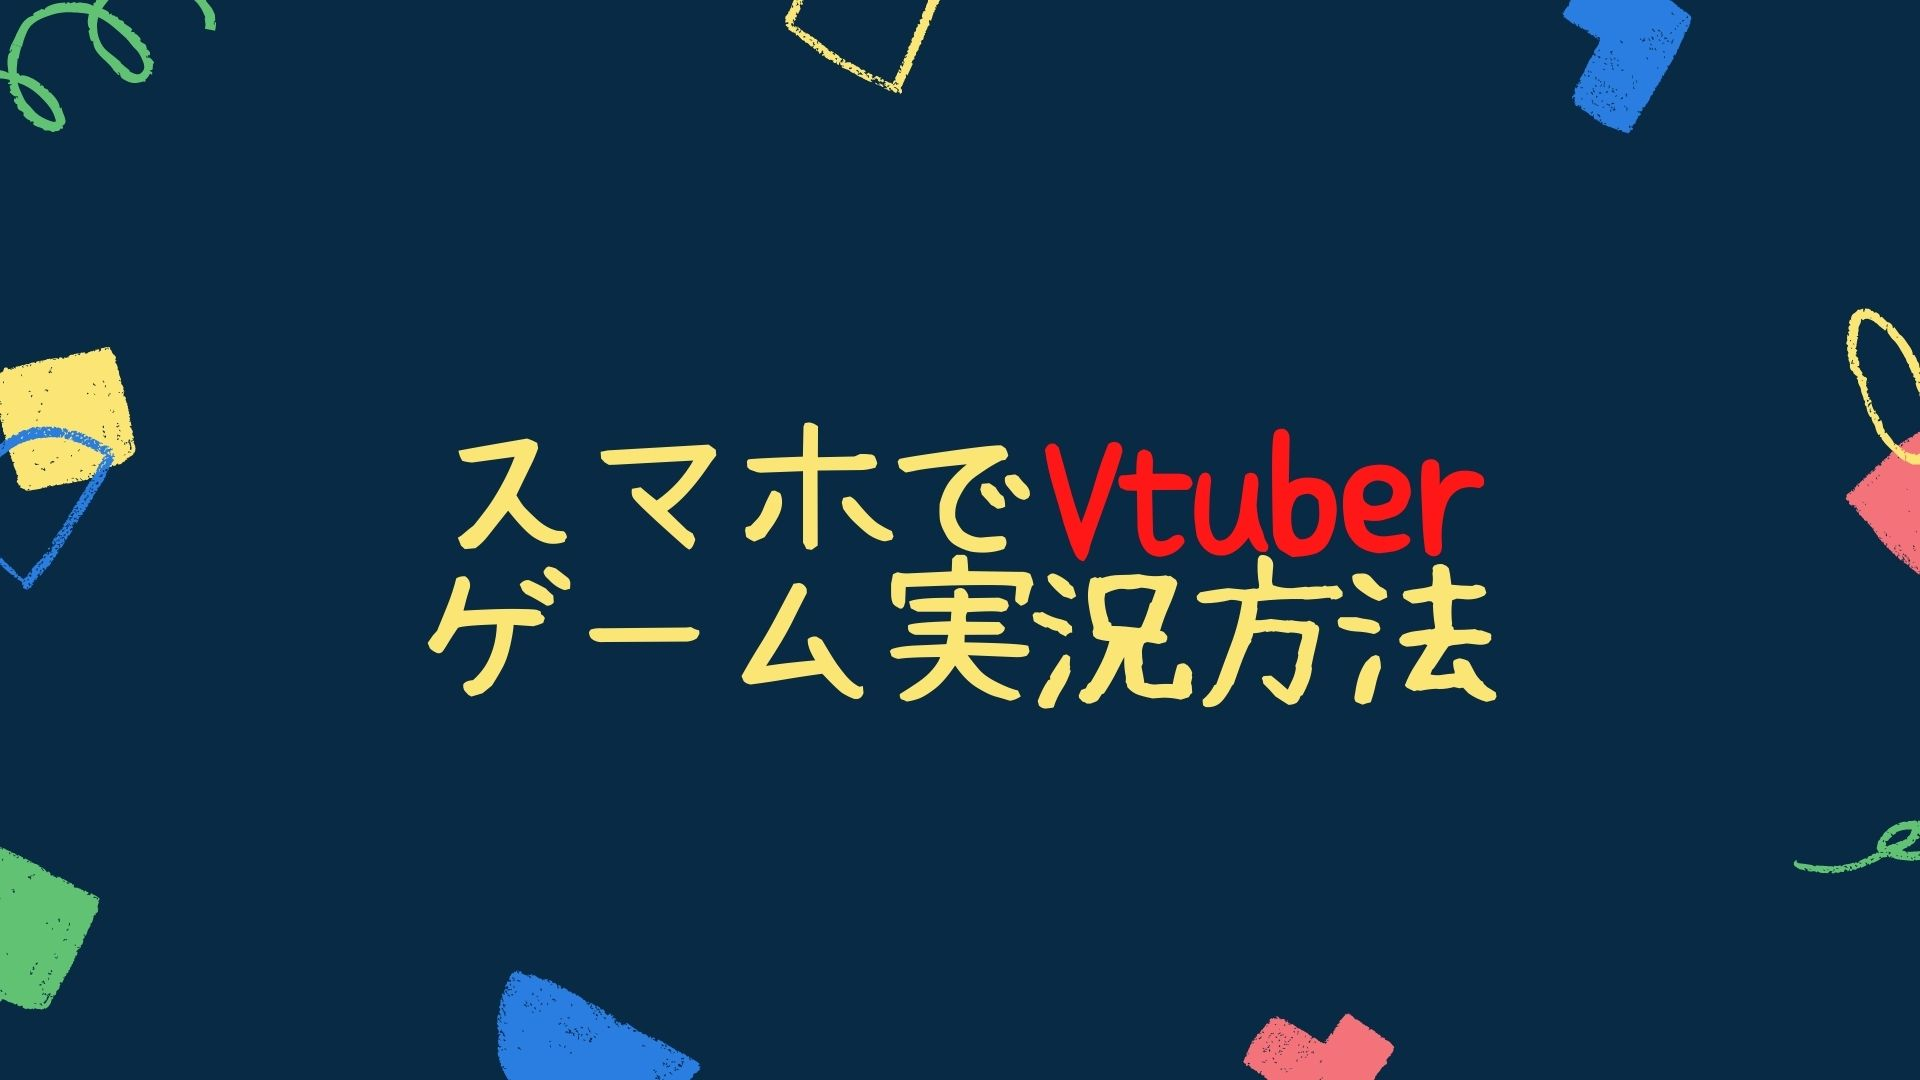 スマホでVtuberになりゲーム実況する方法